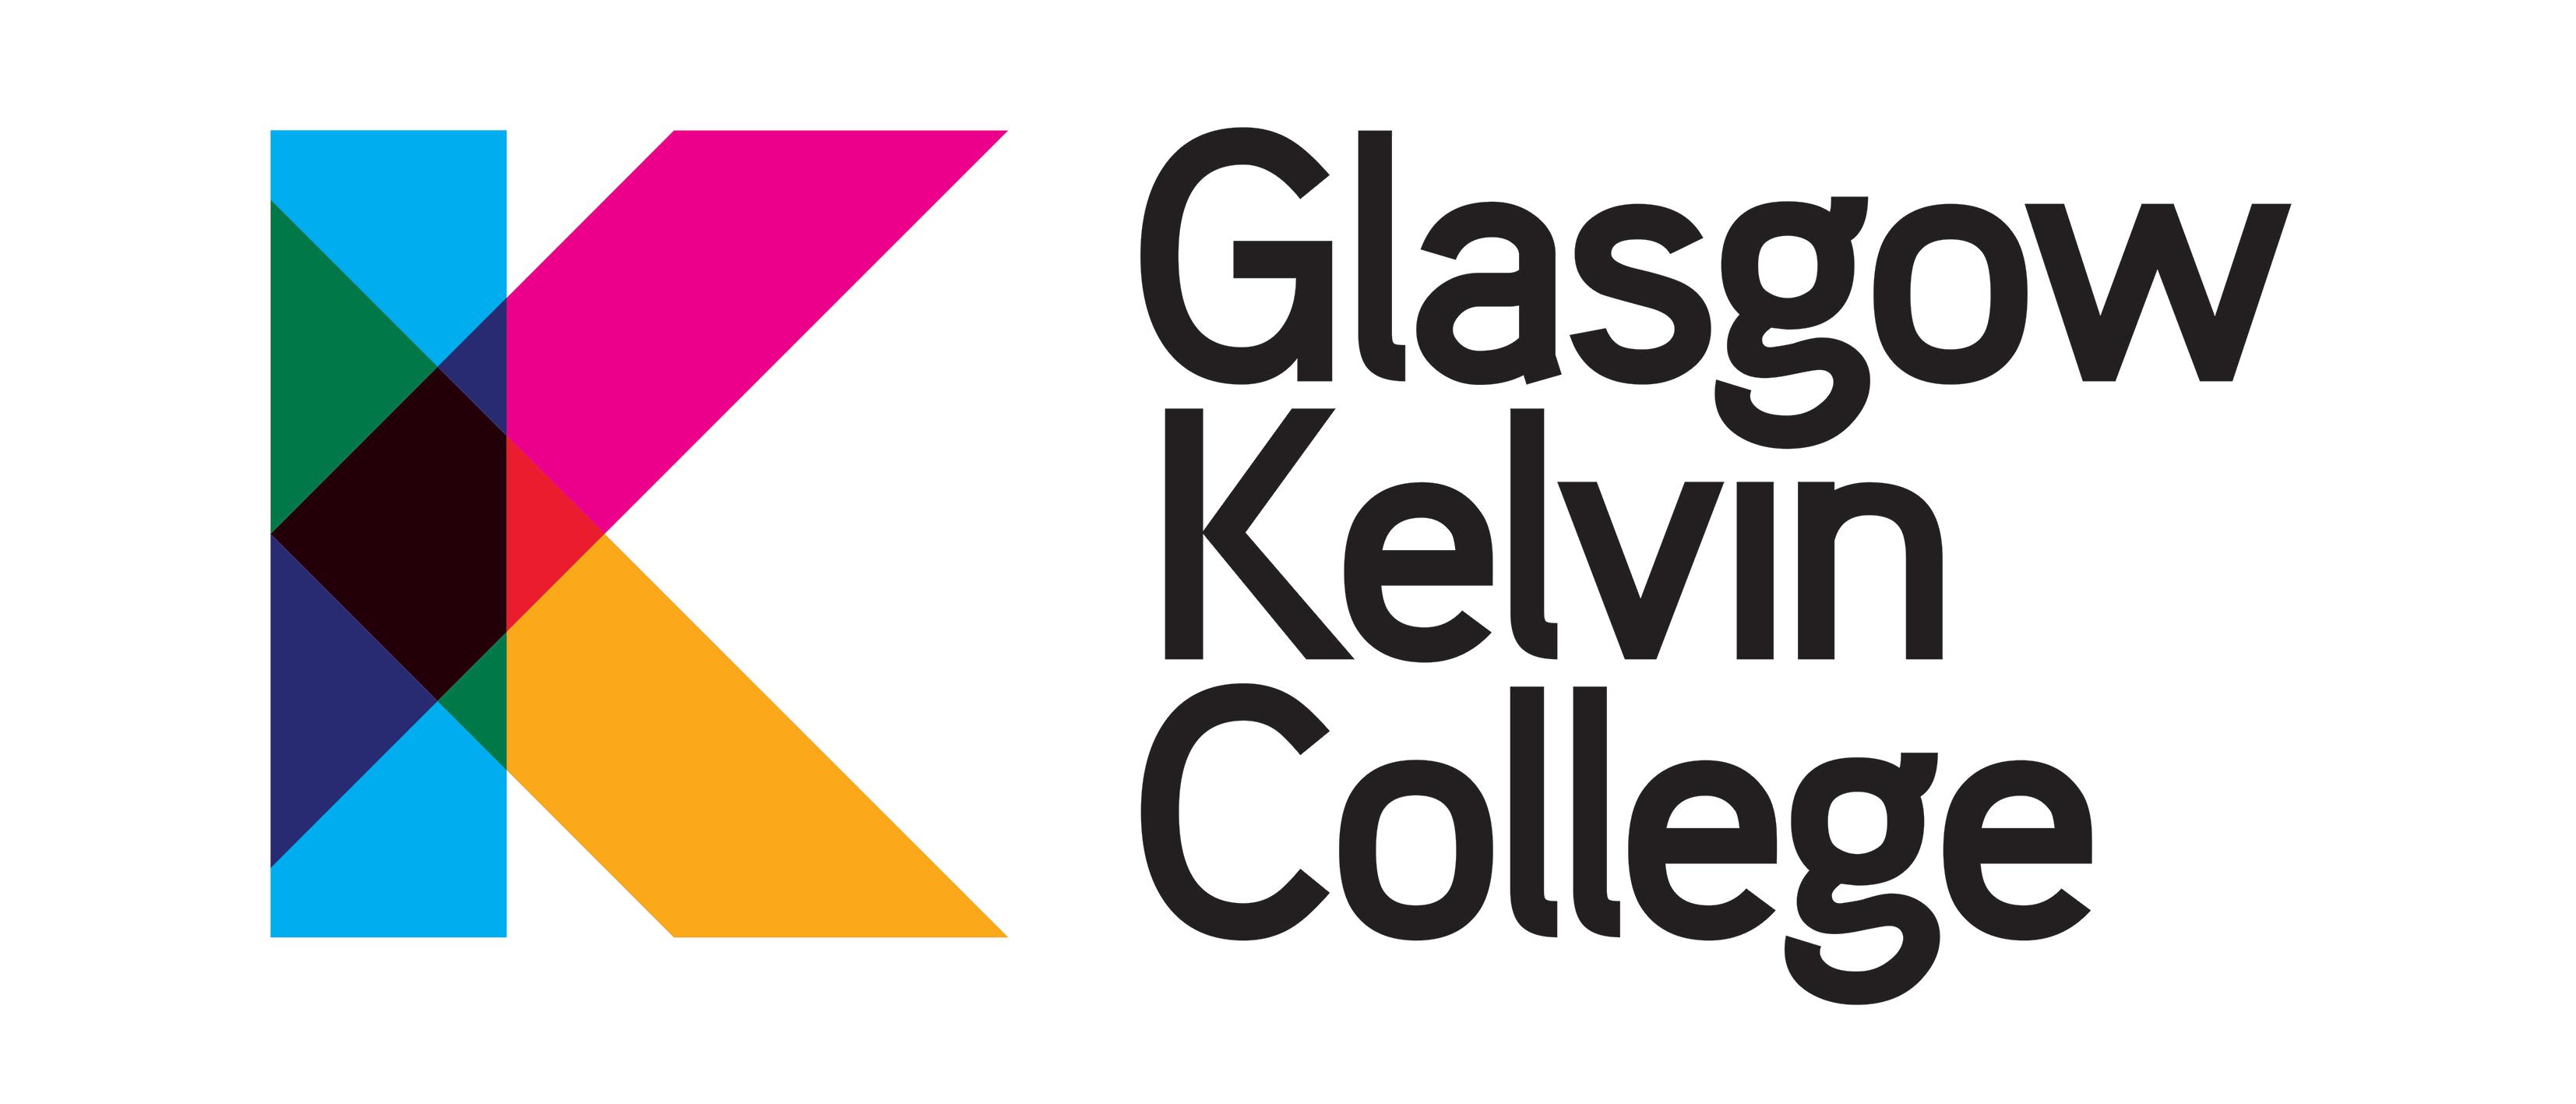 Visit Glasgow Kelvin college